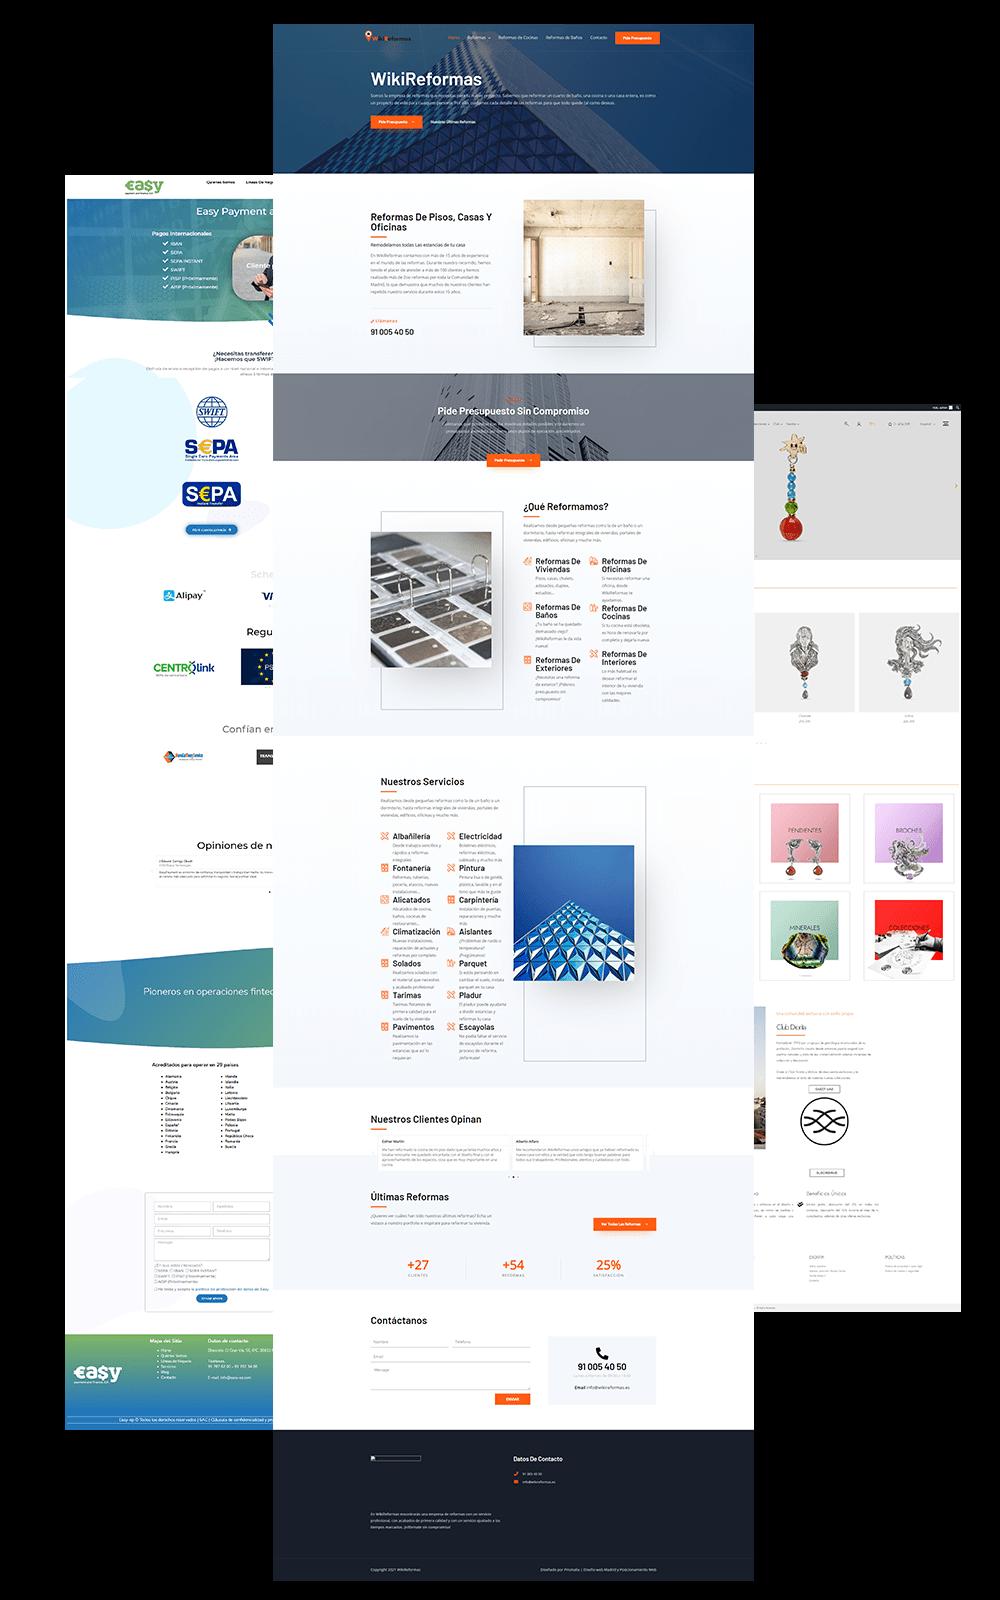 diseño web en pozuelo de alarcon